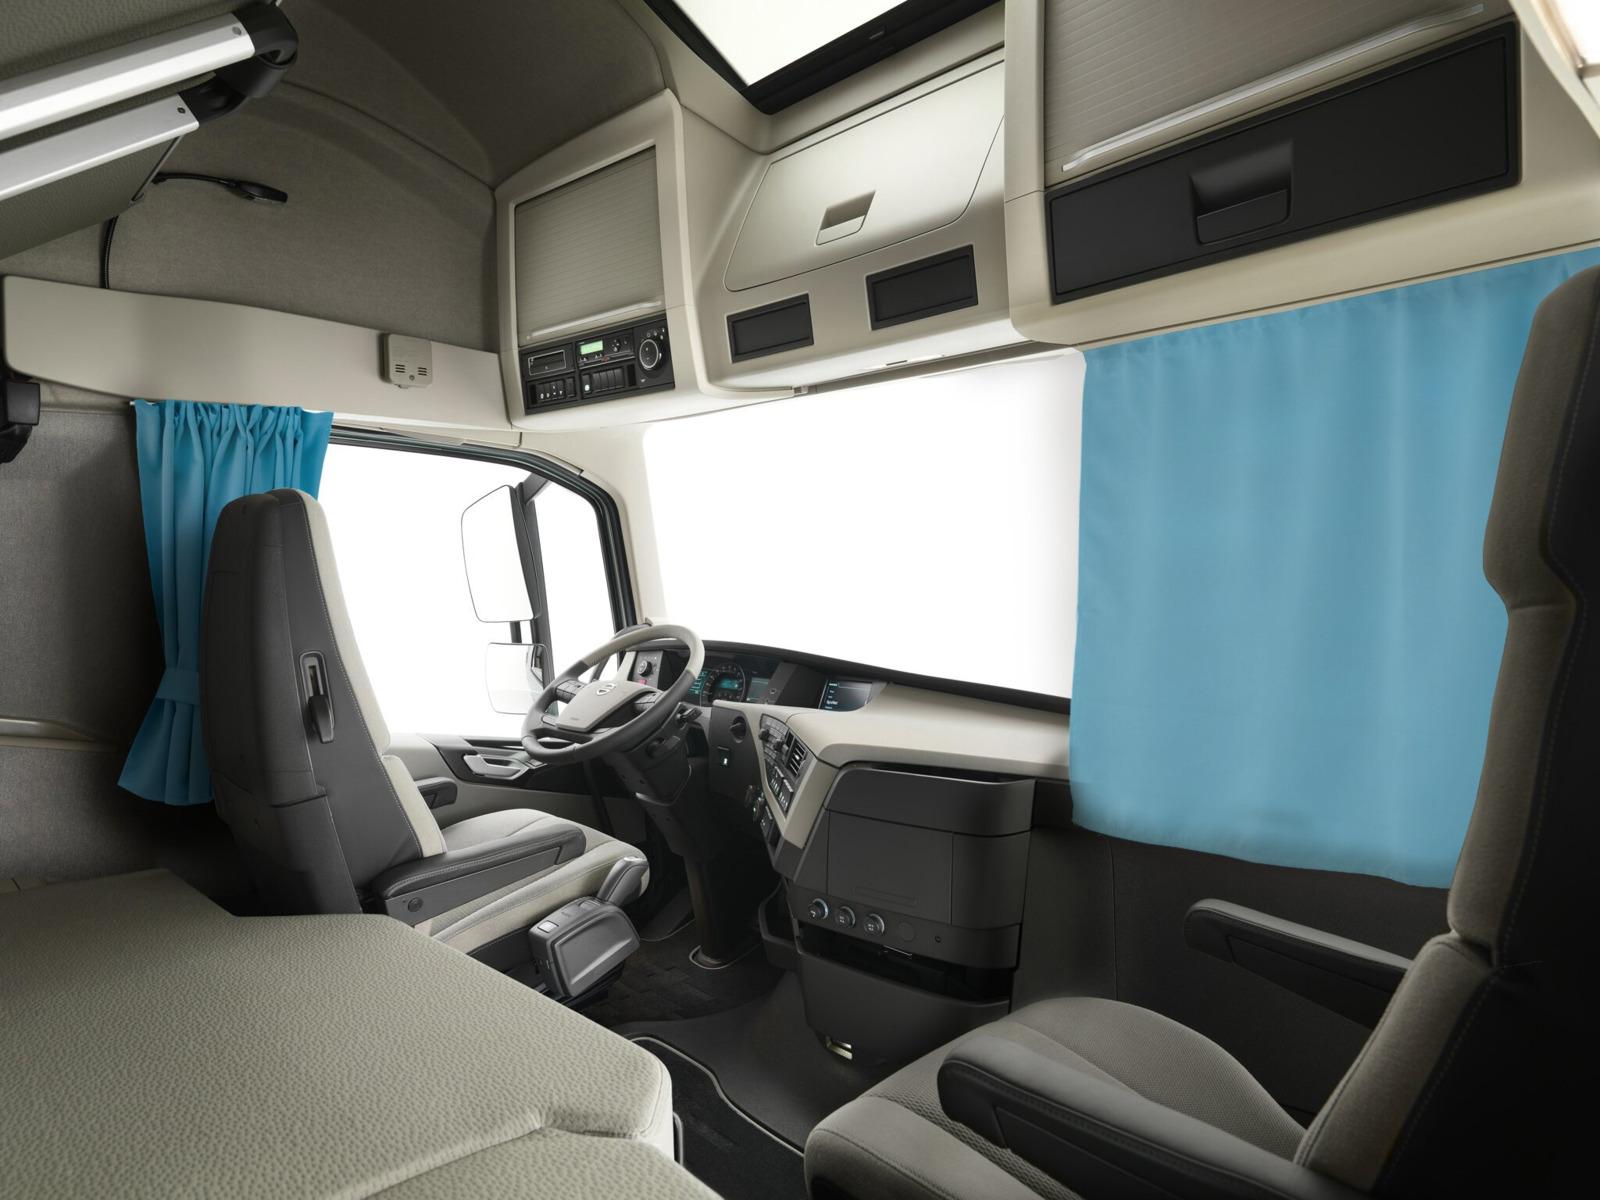 Фото - Комплект автоштор Эскар Blackout - auto XL, голубой, 2 шторы 240 х 100 см, 2 шторы 120 х 160 см, 2 подхвата шторы для комнаты blackout комплект штор к326 32 кофе с молоком 200 240 см